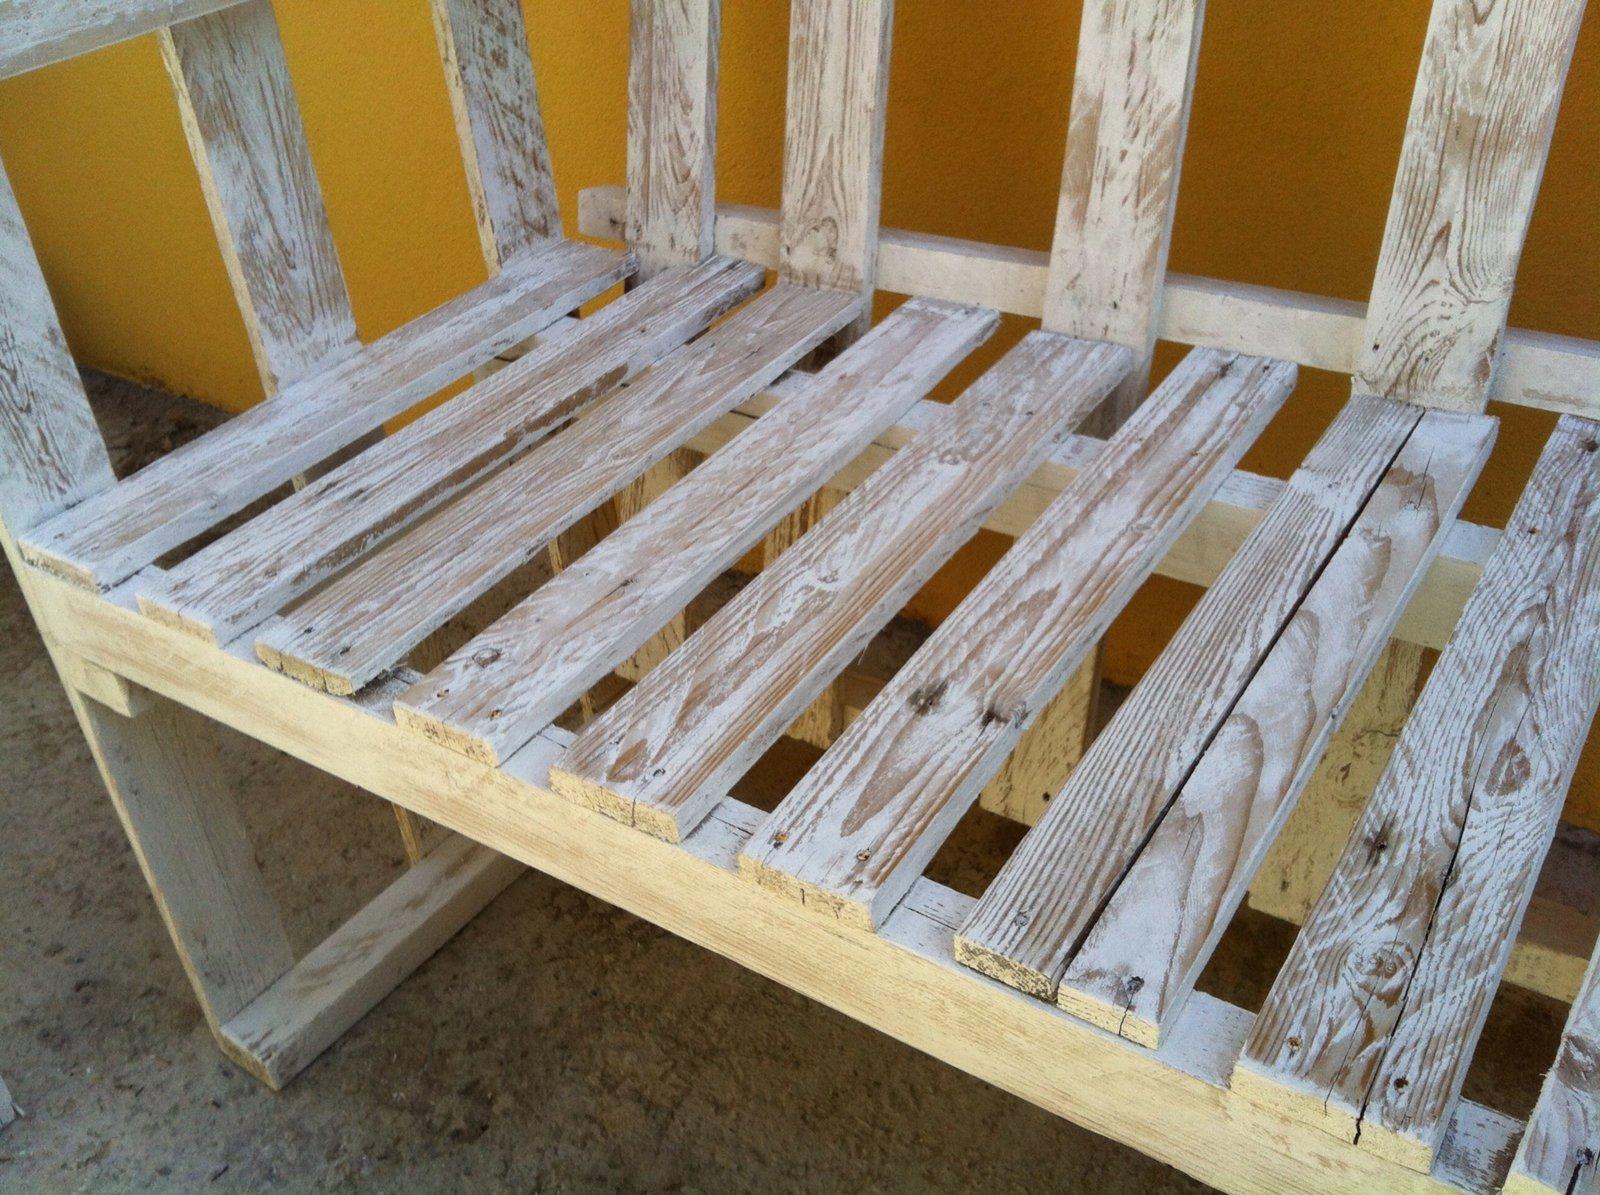 Fai da te in legno fai da te in legno with fai da te in for Costruire una semplice capanna di legno